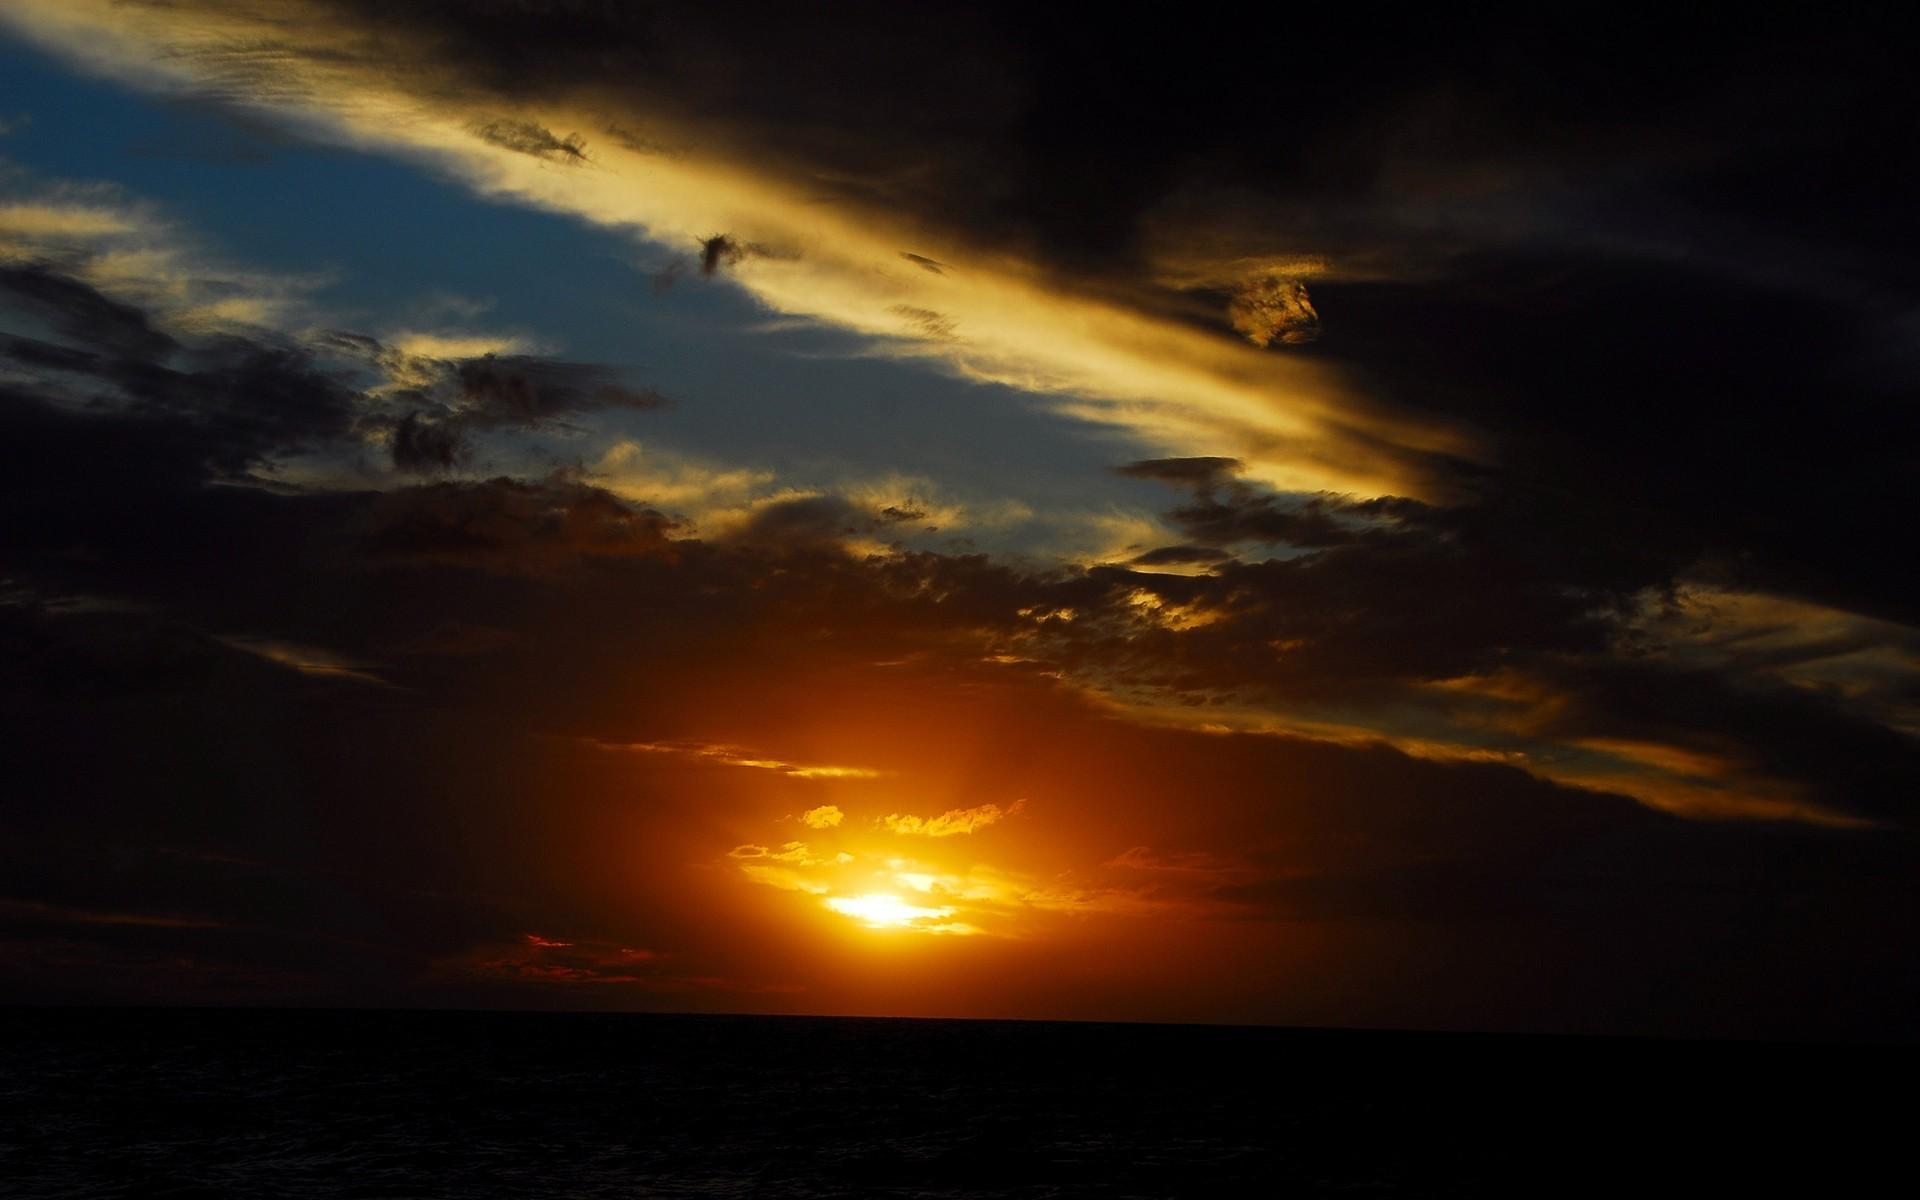 صور غروب الشمس HD (3)